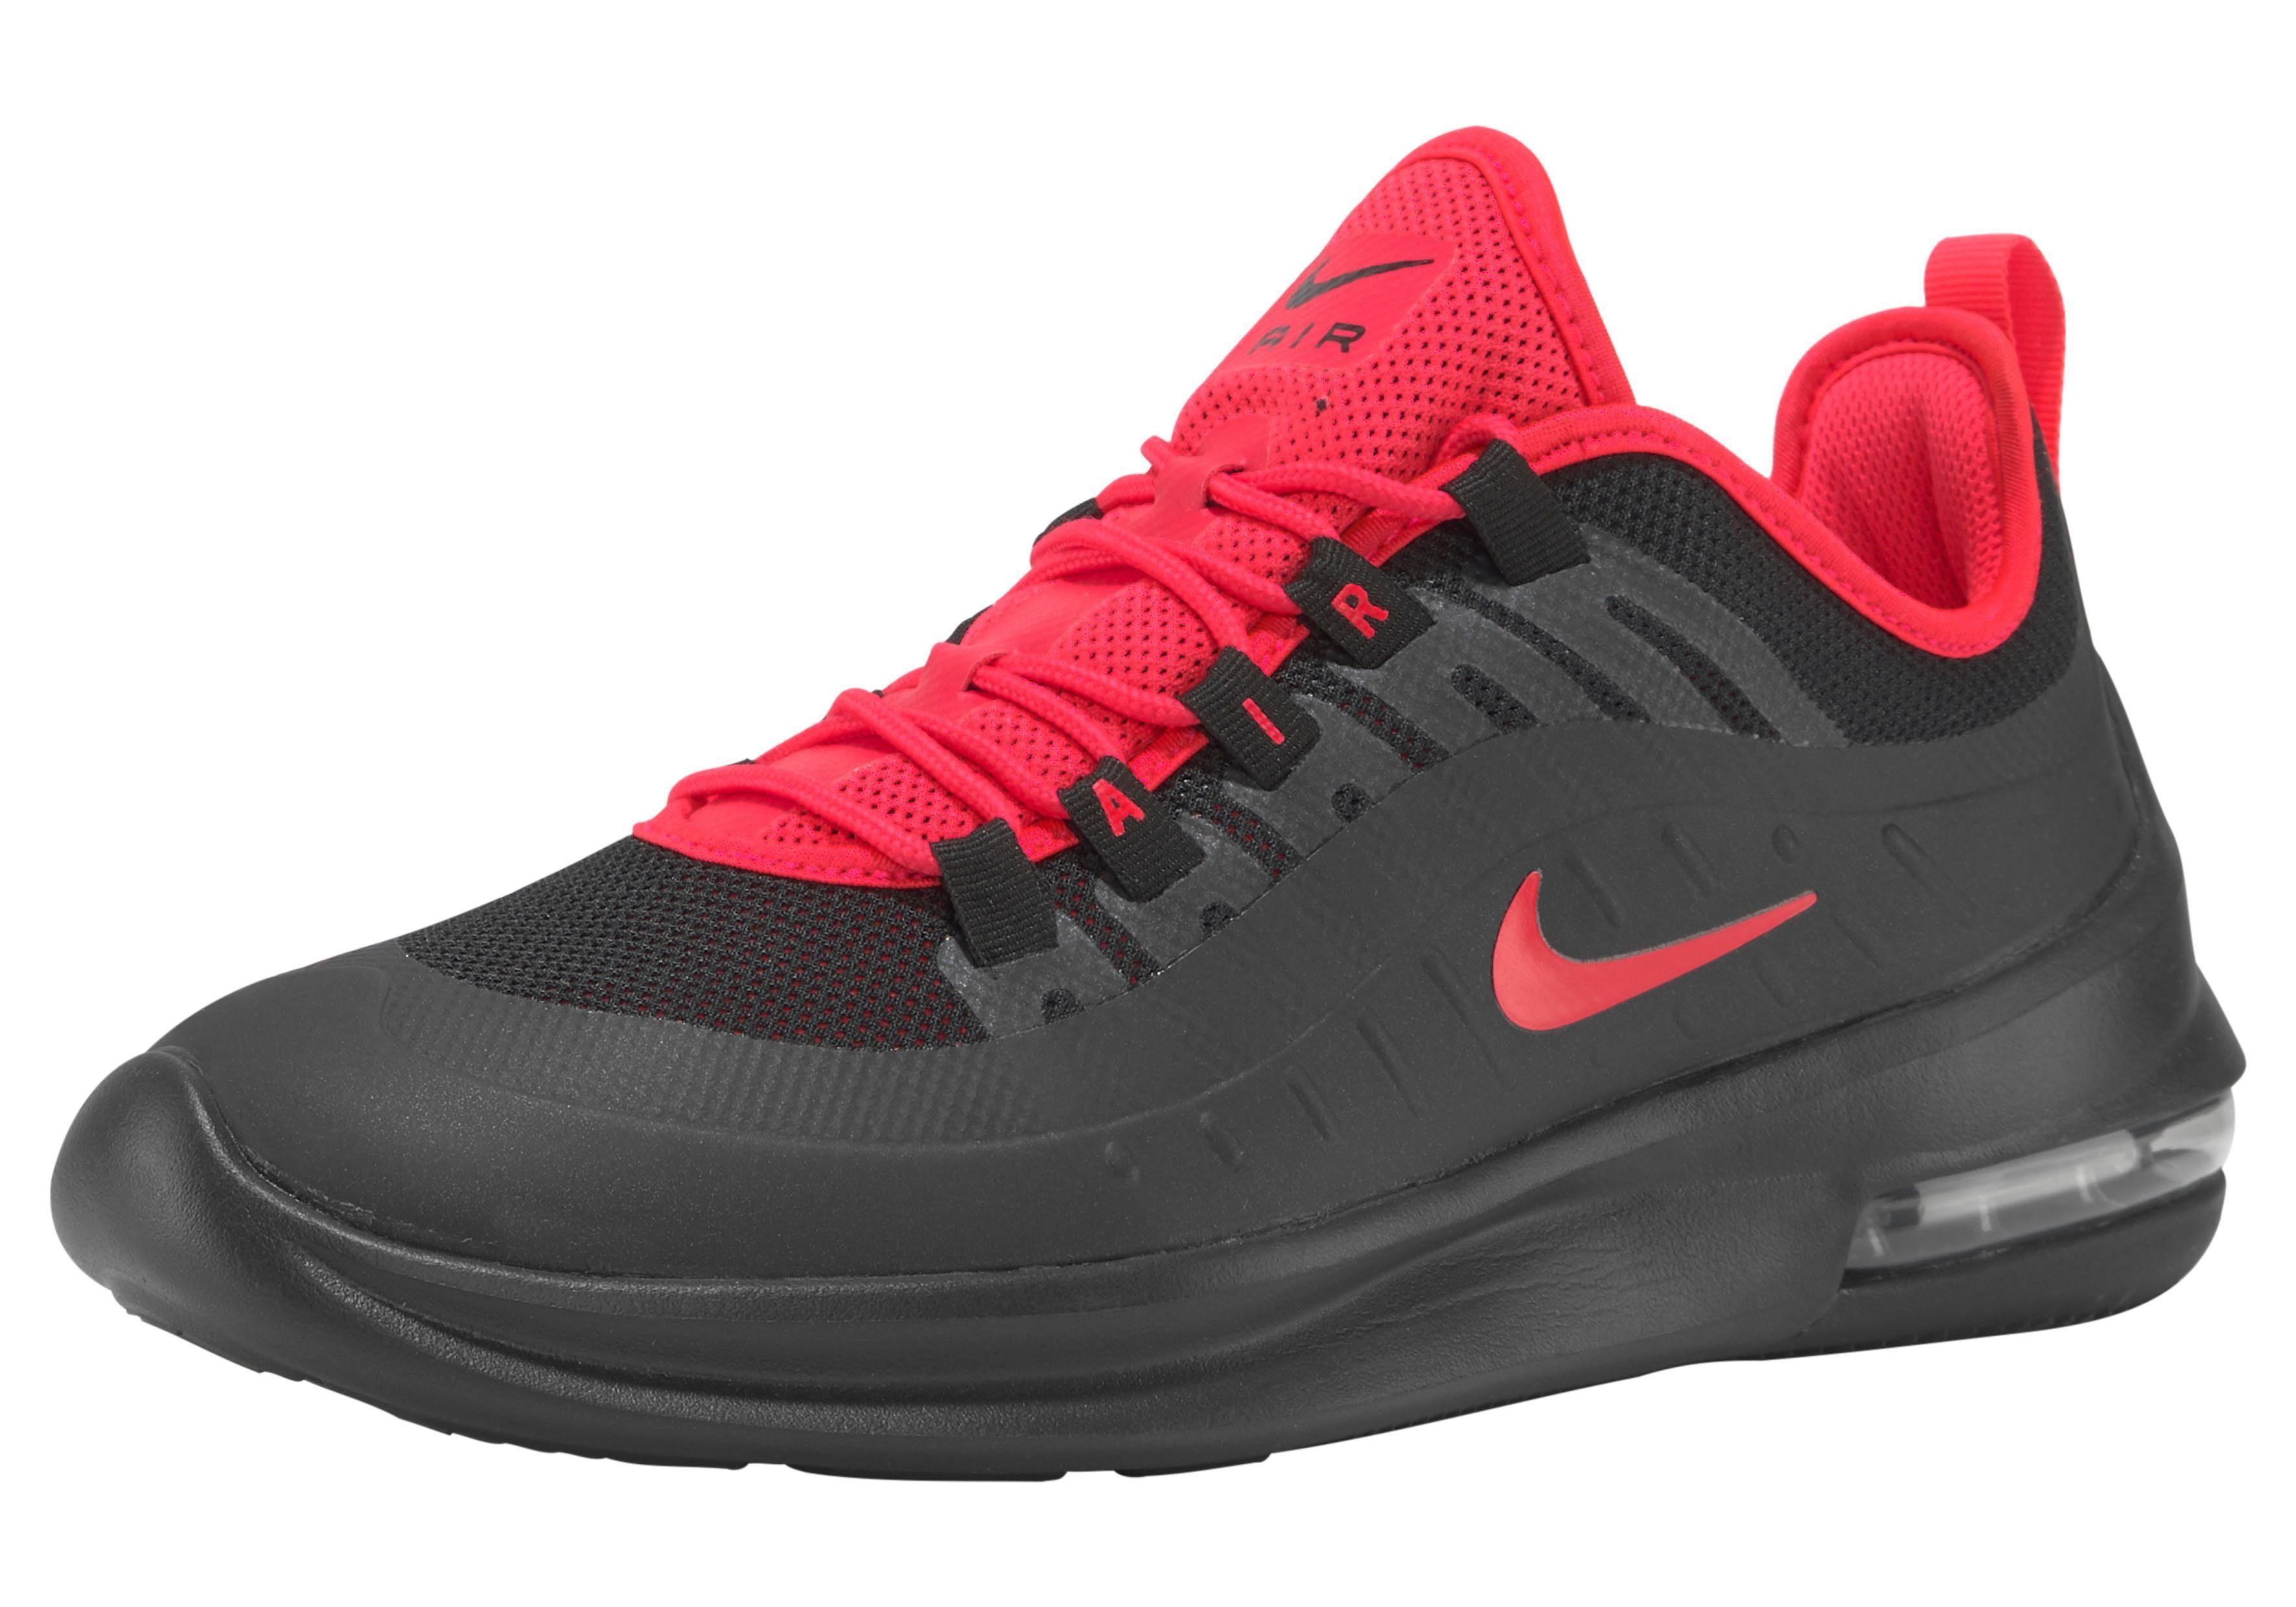 Nike Sportswear »Air Max Axis« Sneaker, Trendiger Sneaker von Nike Sportswear online kaufen | OTTO